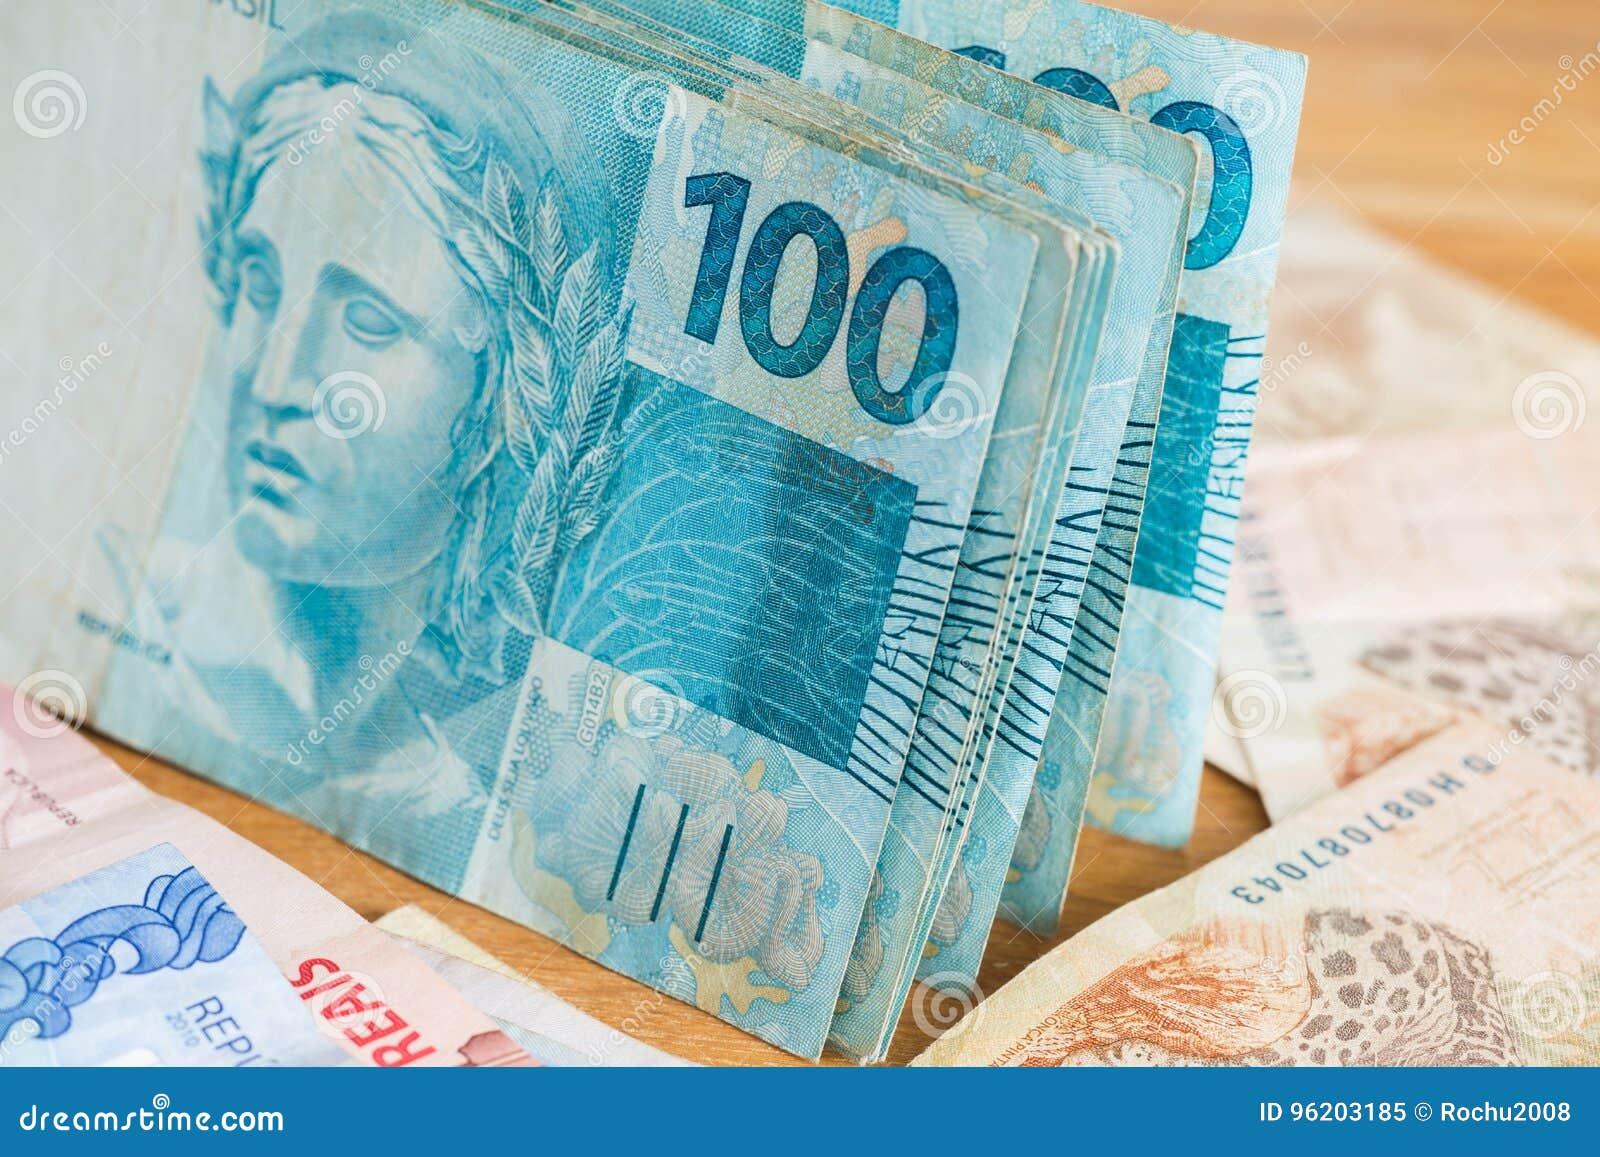 Braziliaans geld, reais, hoog nominaal/concept succes